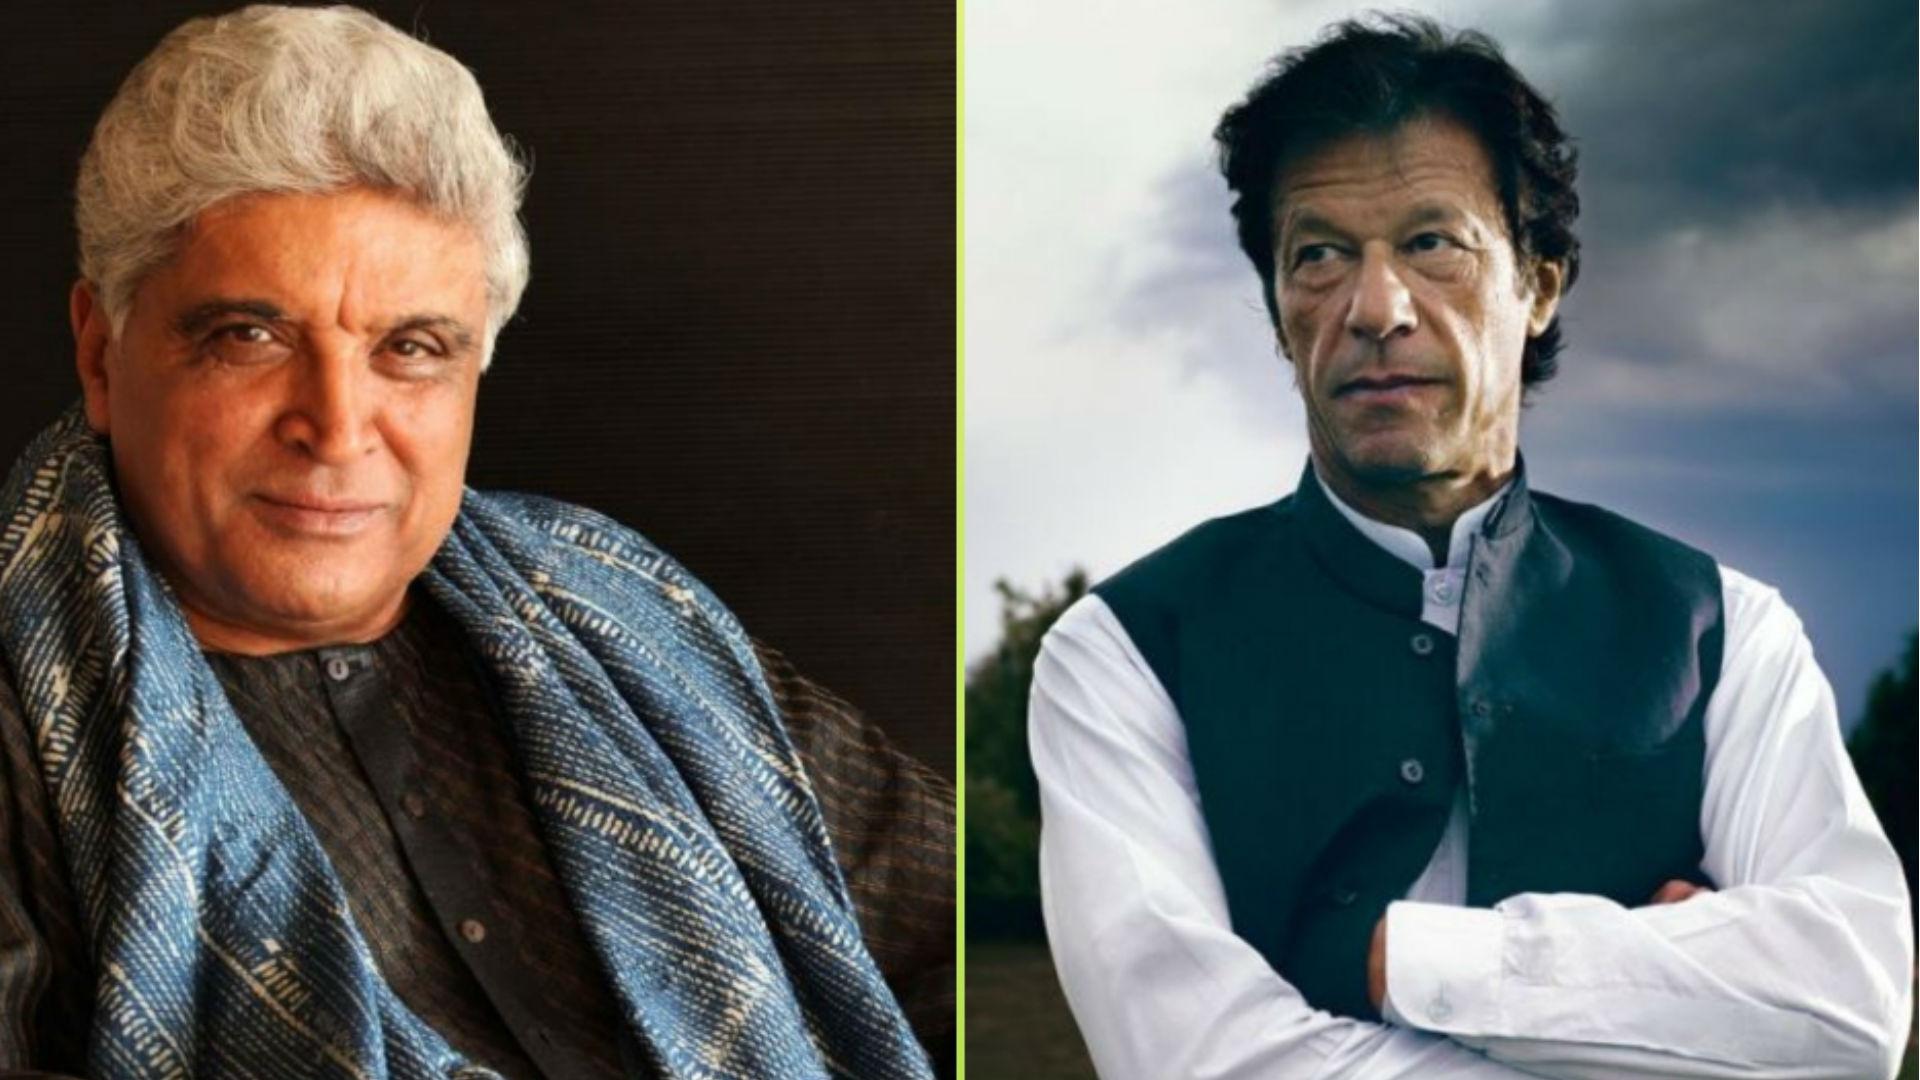 पाकिस्तानी पीएम ने प्रधानमंत्री नरेंद्र मोदी पर साधा निशाना, जावेद अख्तर ने दिया इमरान खान को करारा जवाब